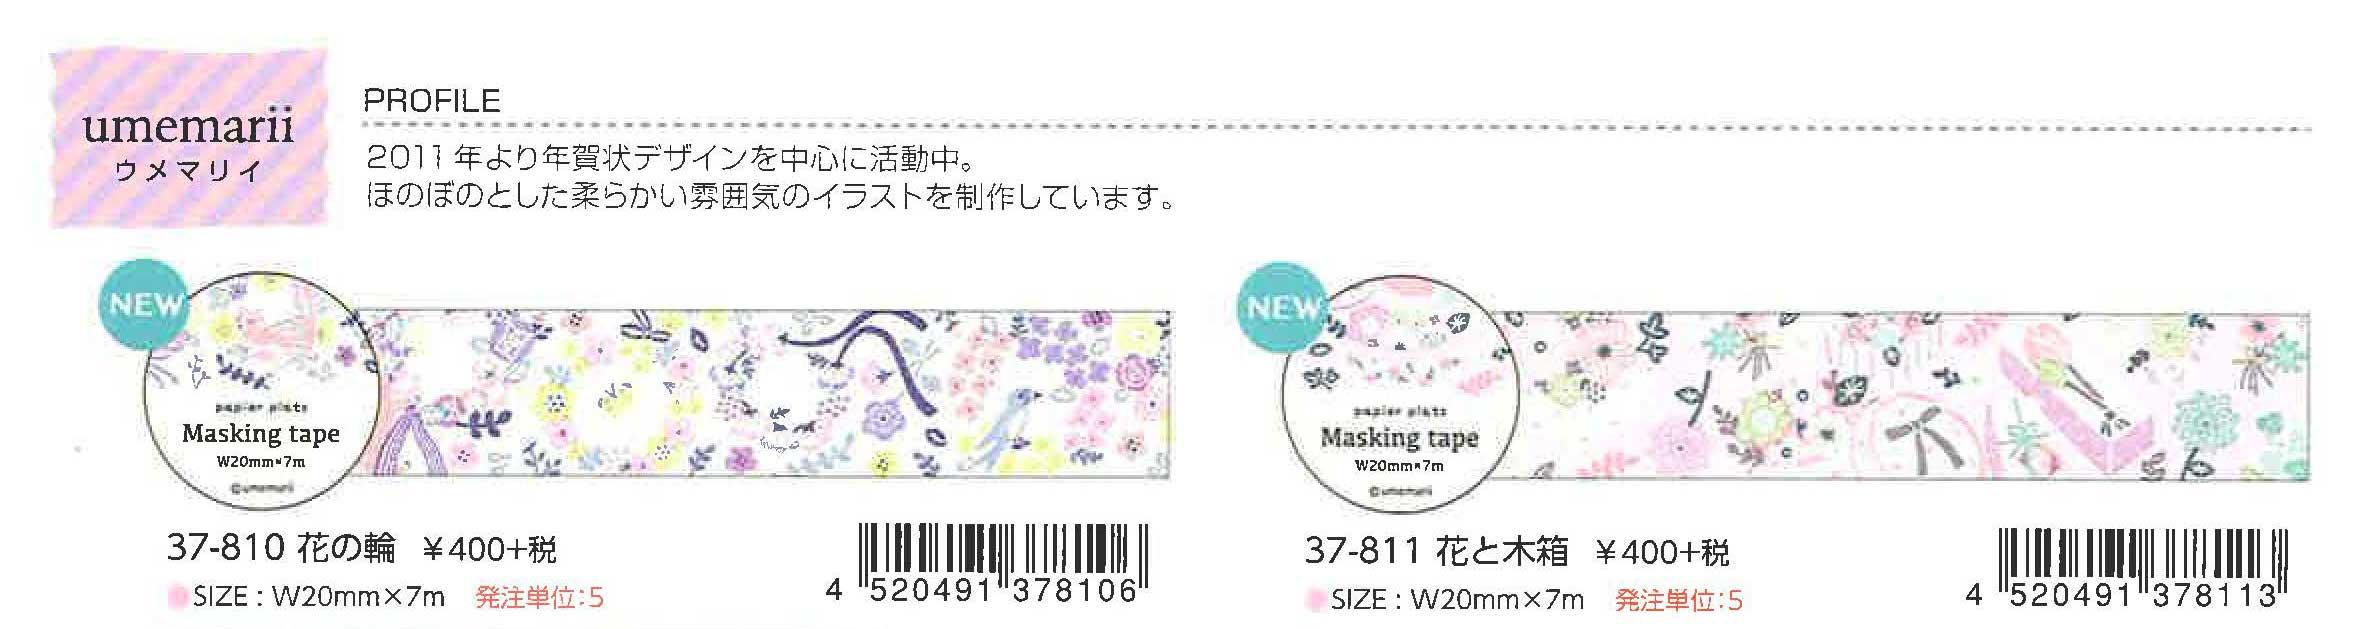 パピアプラッツ【Papier Platz】Dマスキングテープ umemarii(ウメマリイ)2種 2019_7_26発売